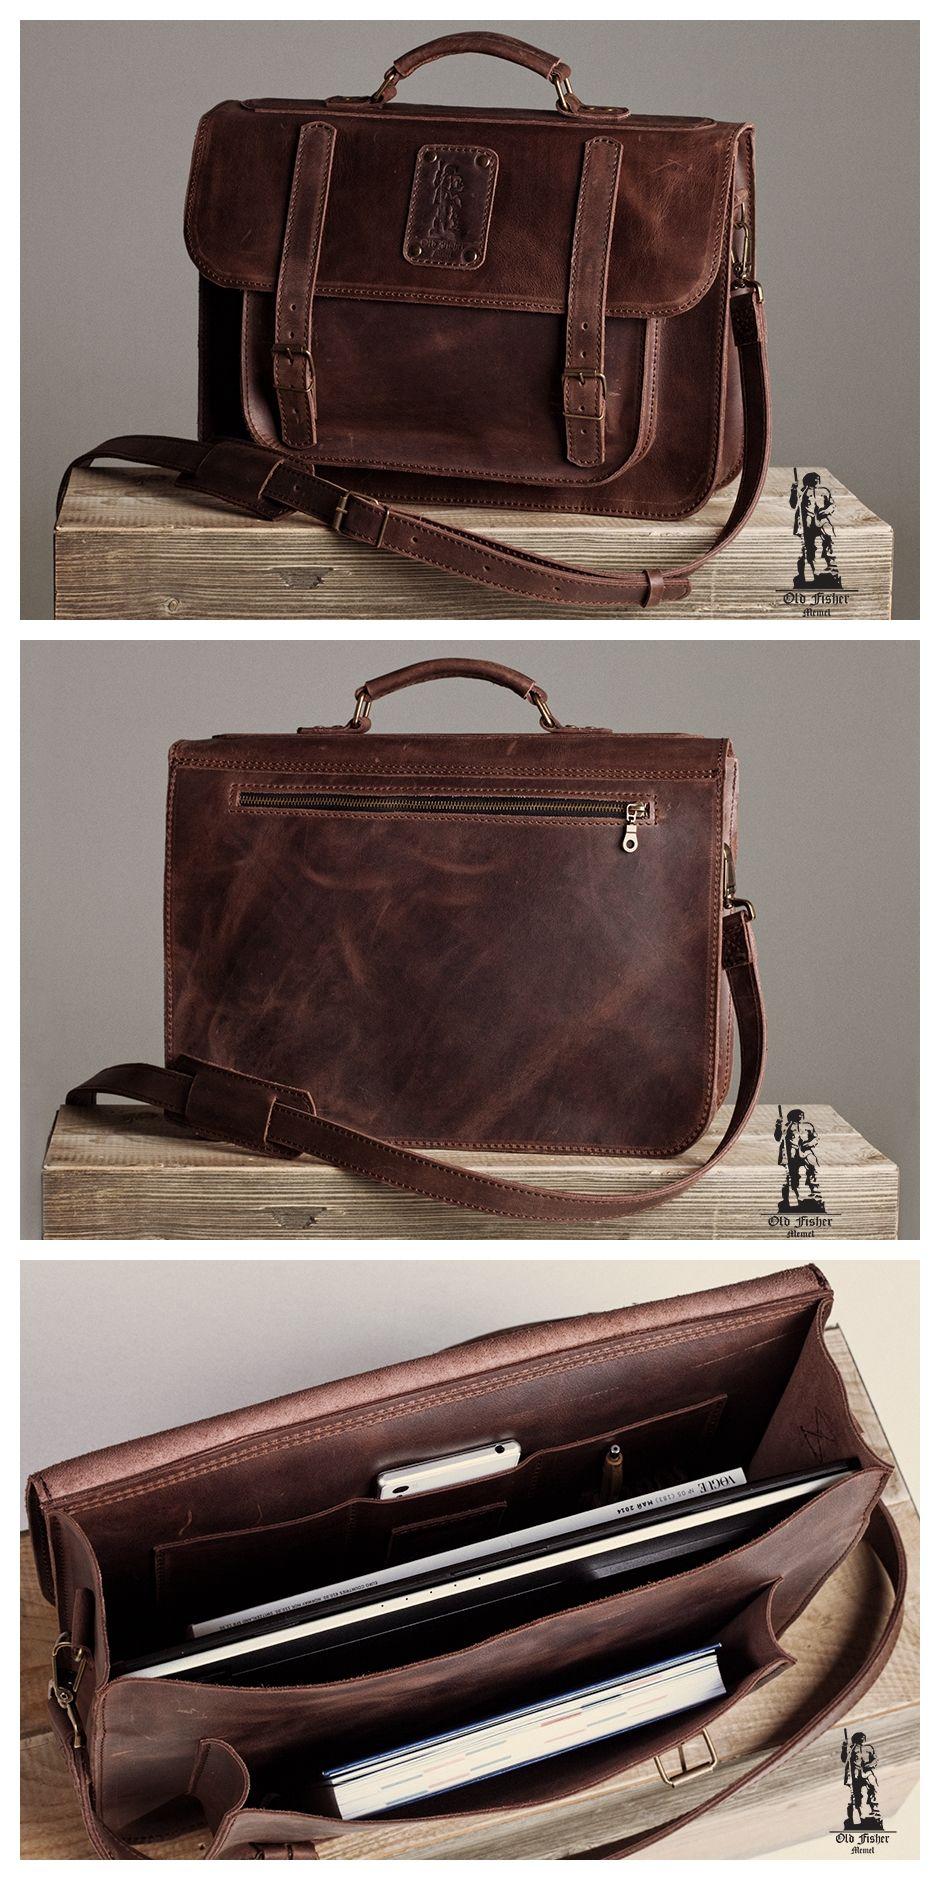 Laptop bag Leather Bag Laptop Shoulder Bag Real Genuine Leather Travel Bag